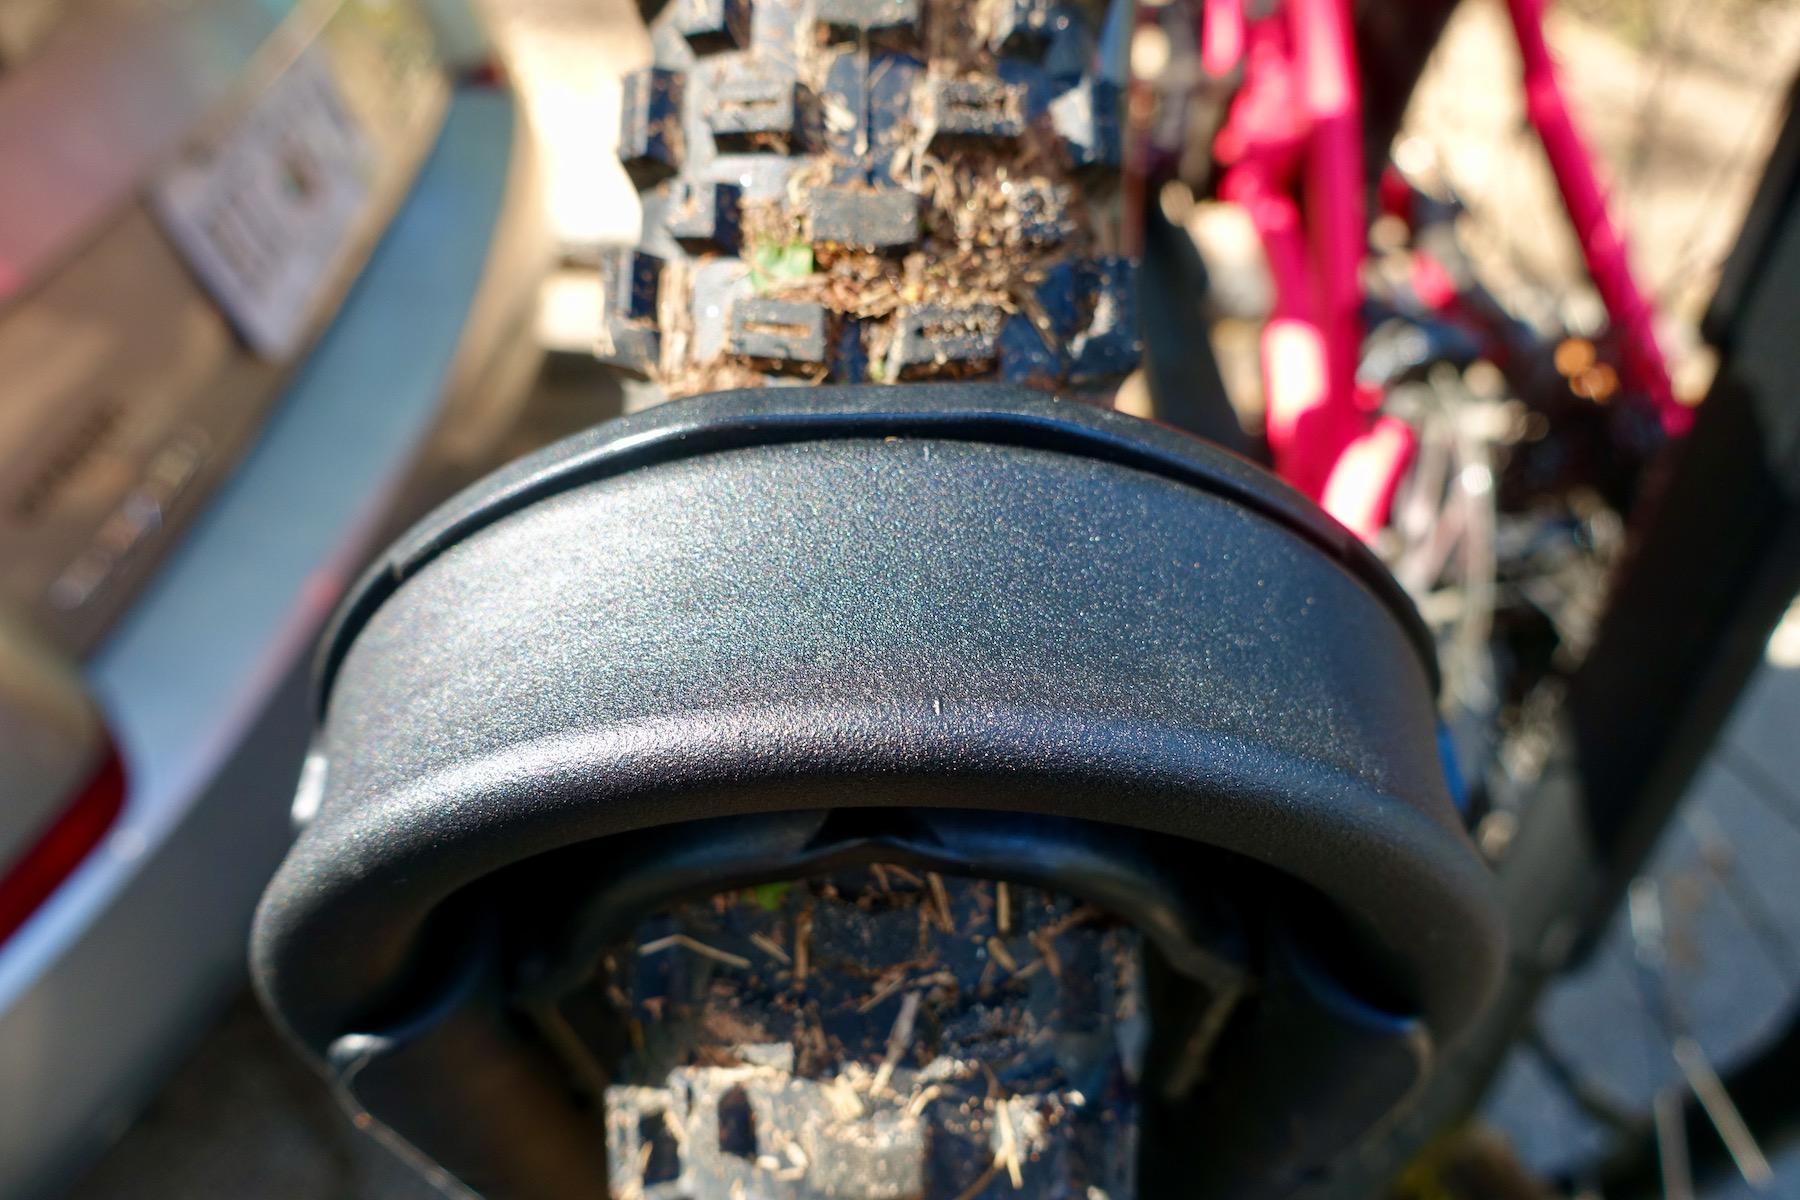 inno_bike_rack - 2 (1)